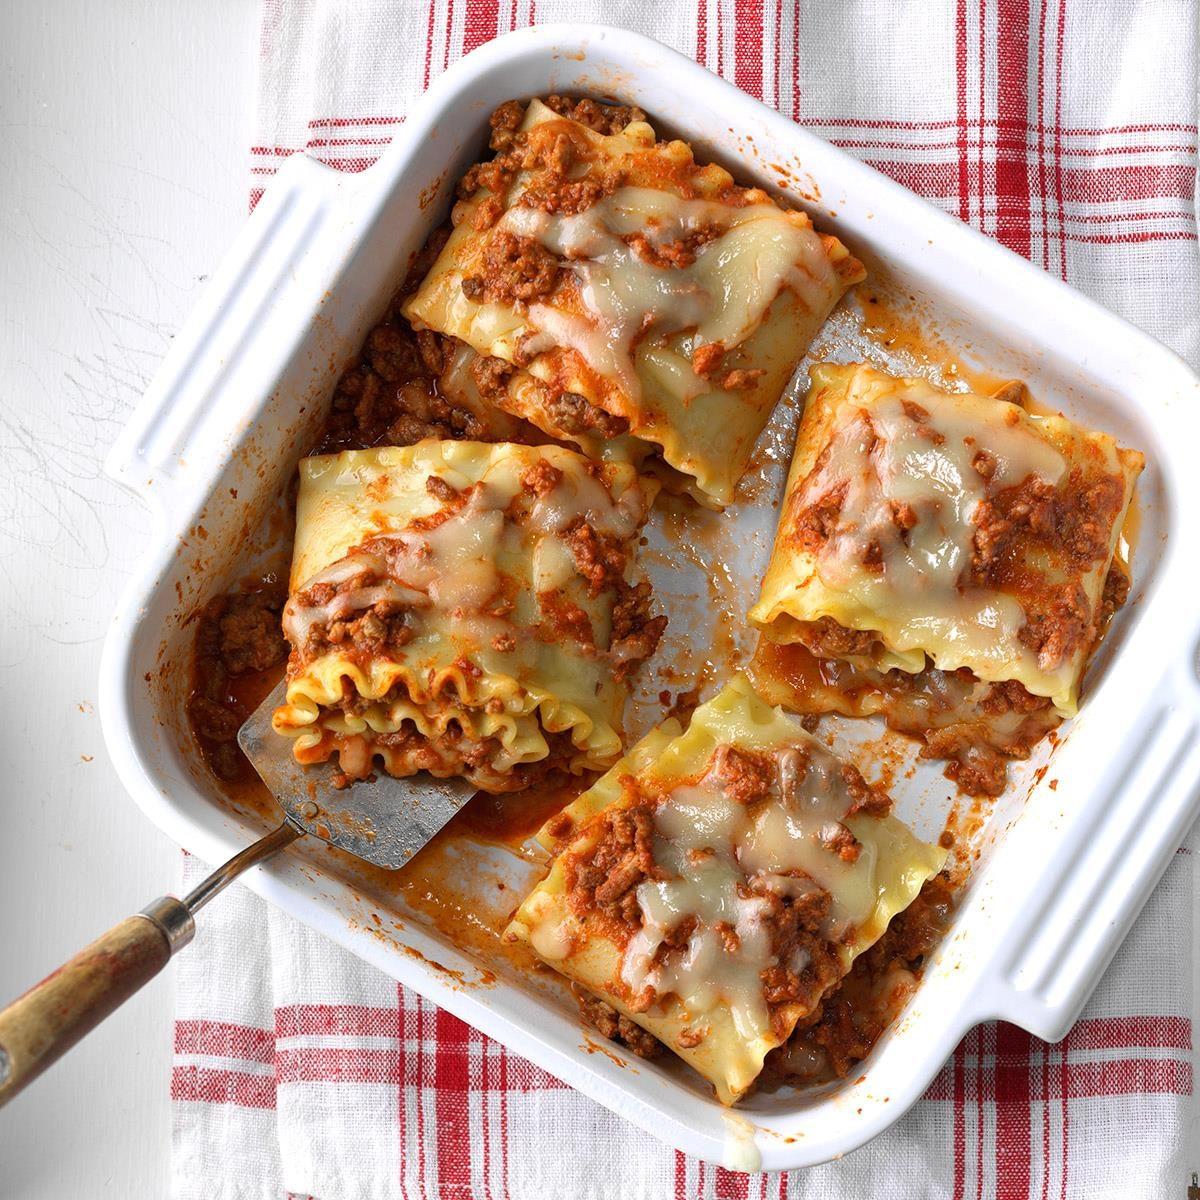 Nana's Best Recipes For Sunday Dinner